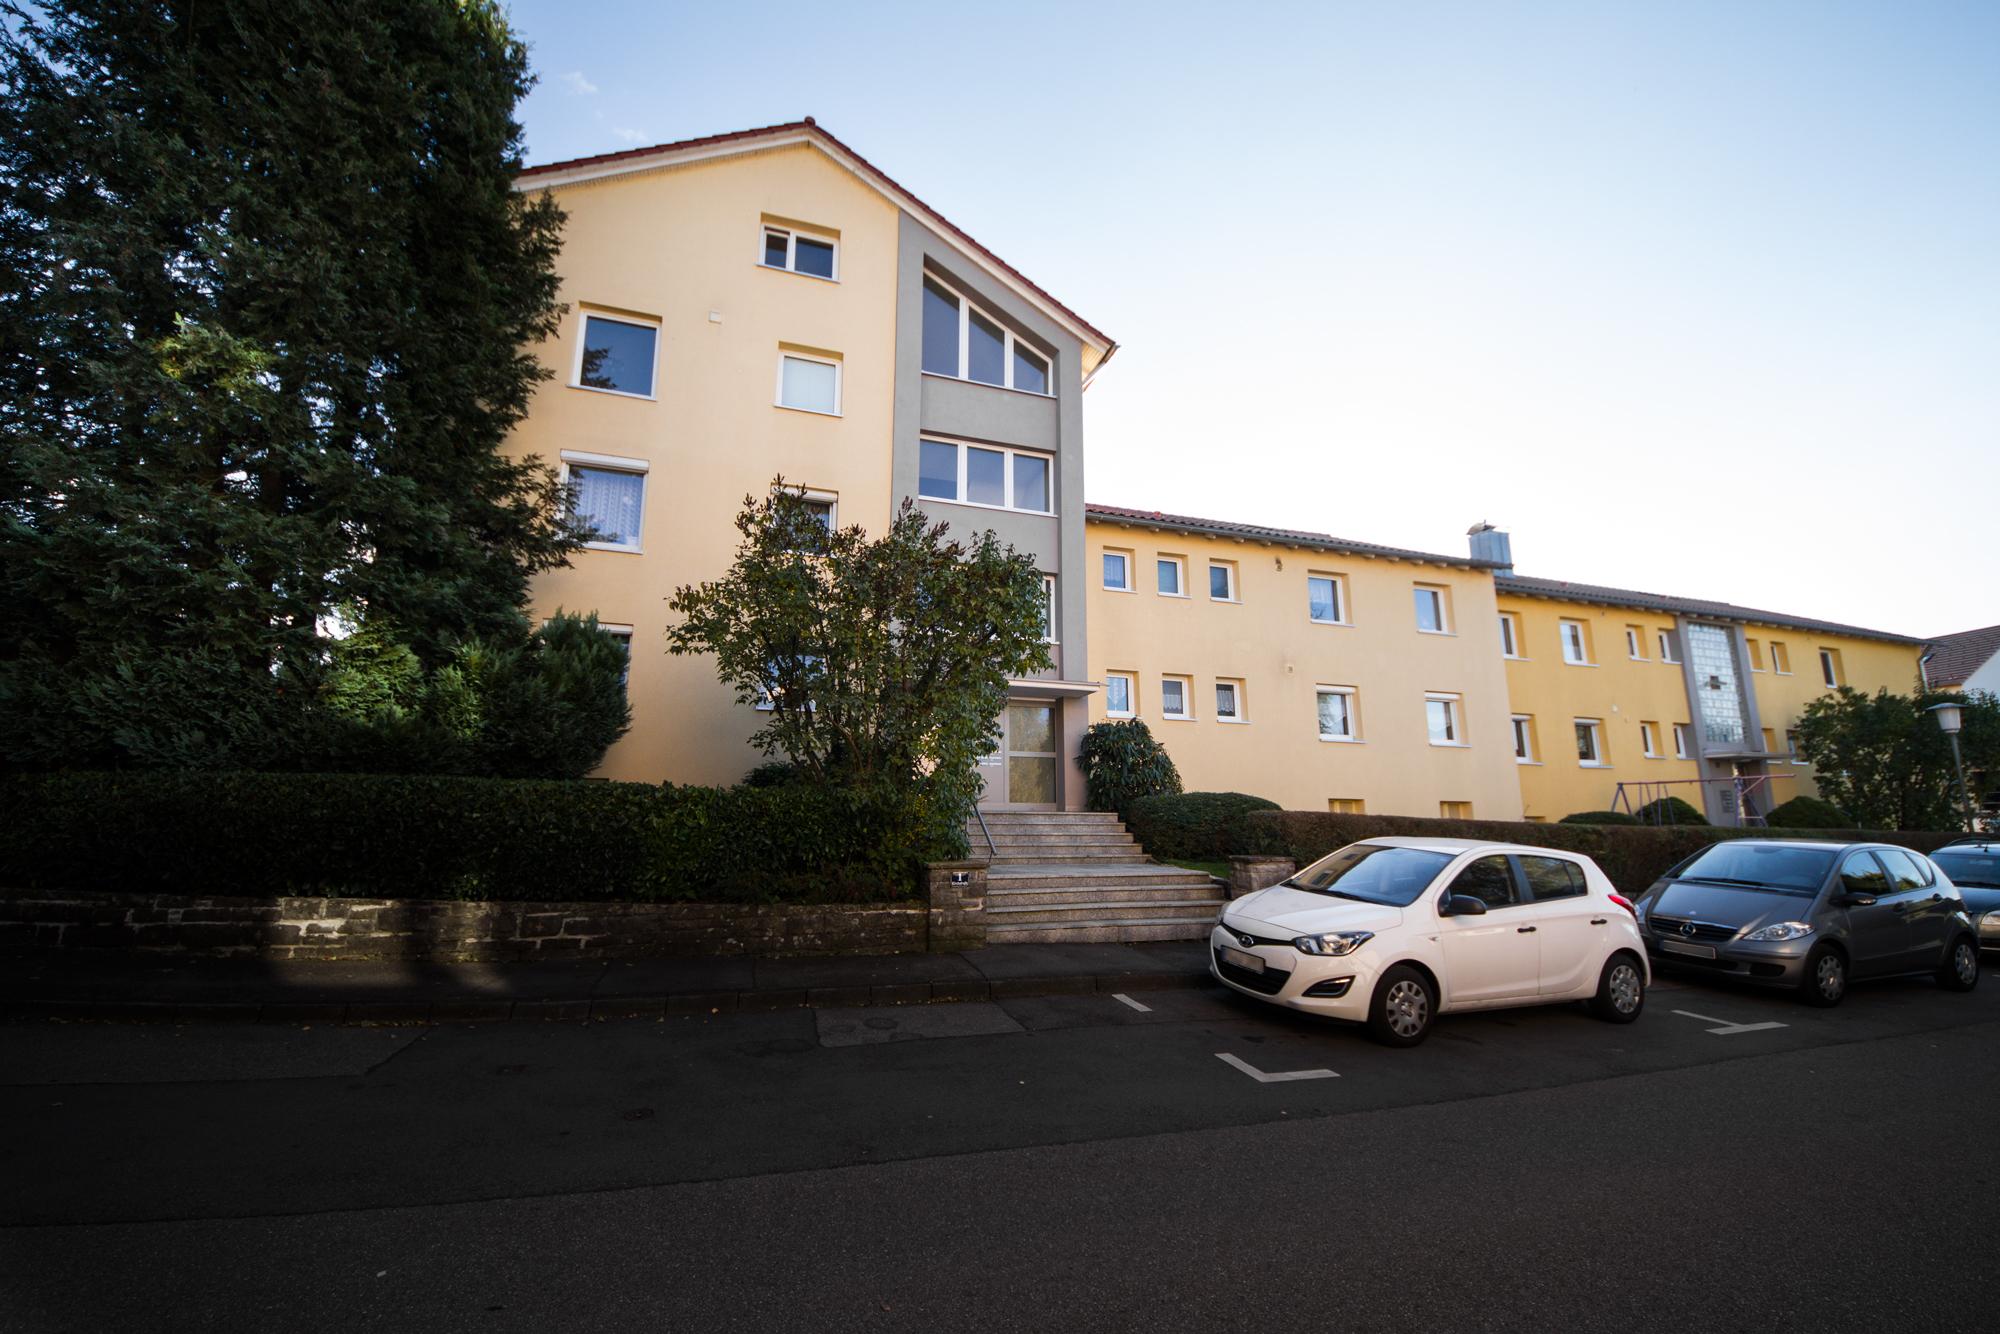 Hausverwaltung Bodensee